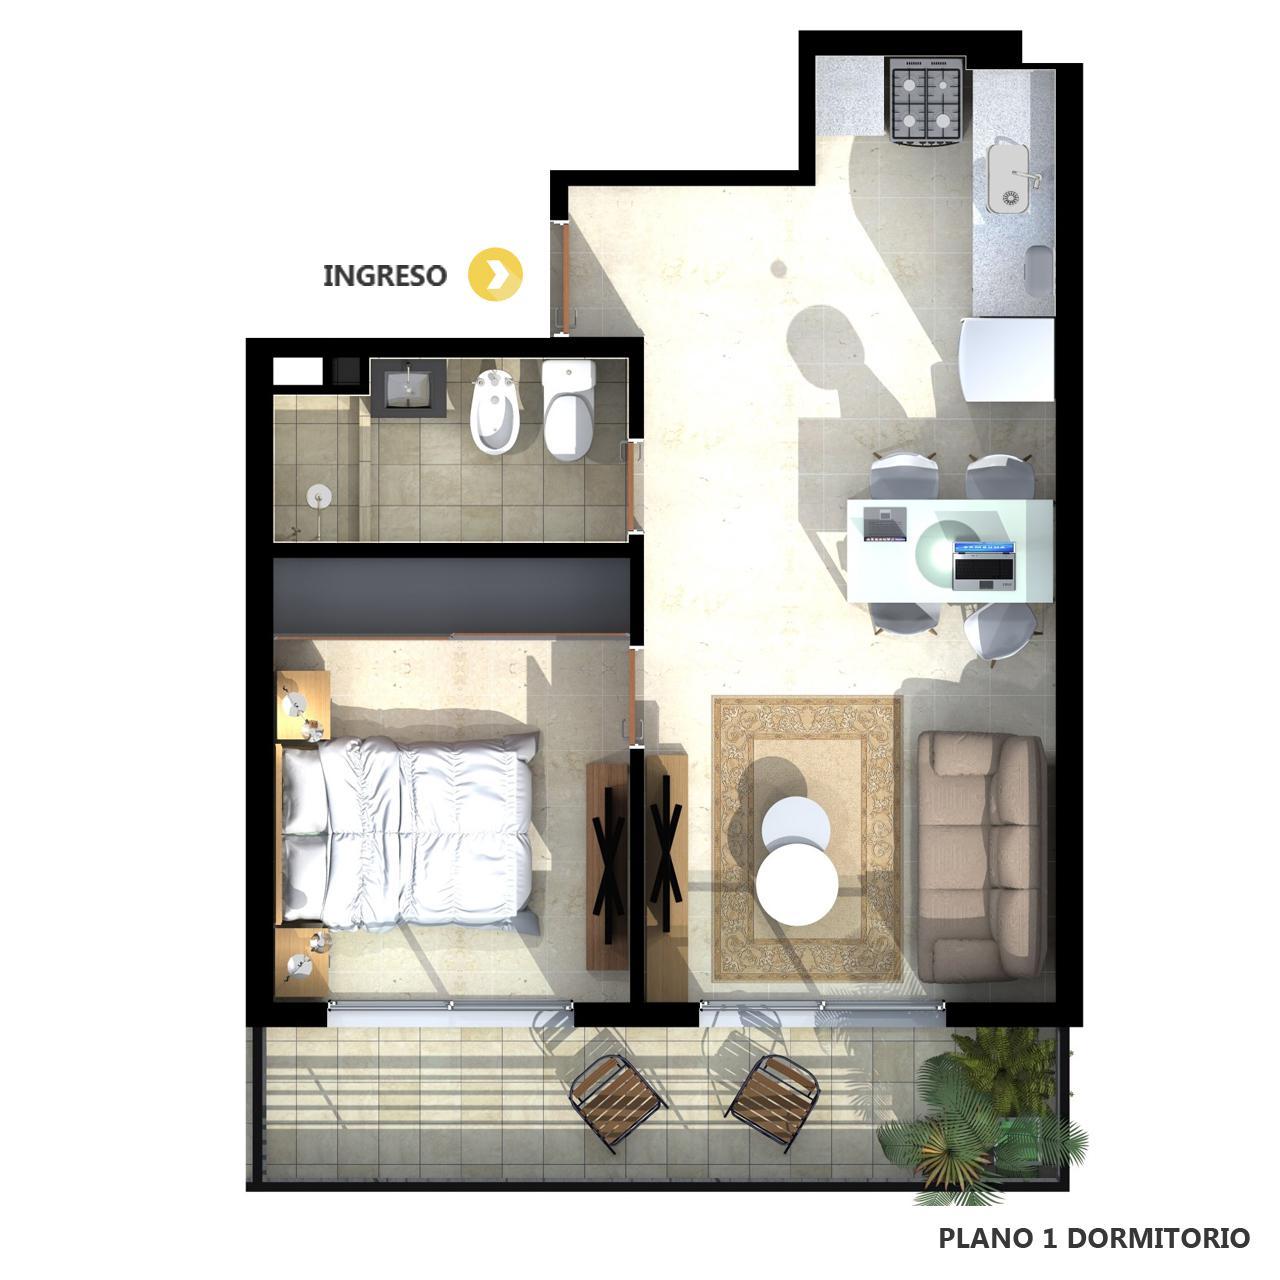 Venta departamento 1 dormitorio Rosario, Parque España. Cod CBU12472 AP2199583. Crestale Propiedades